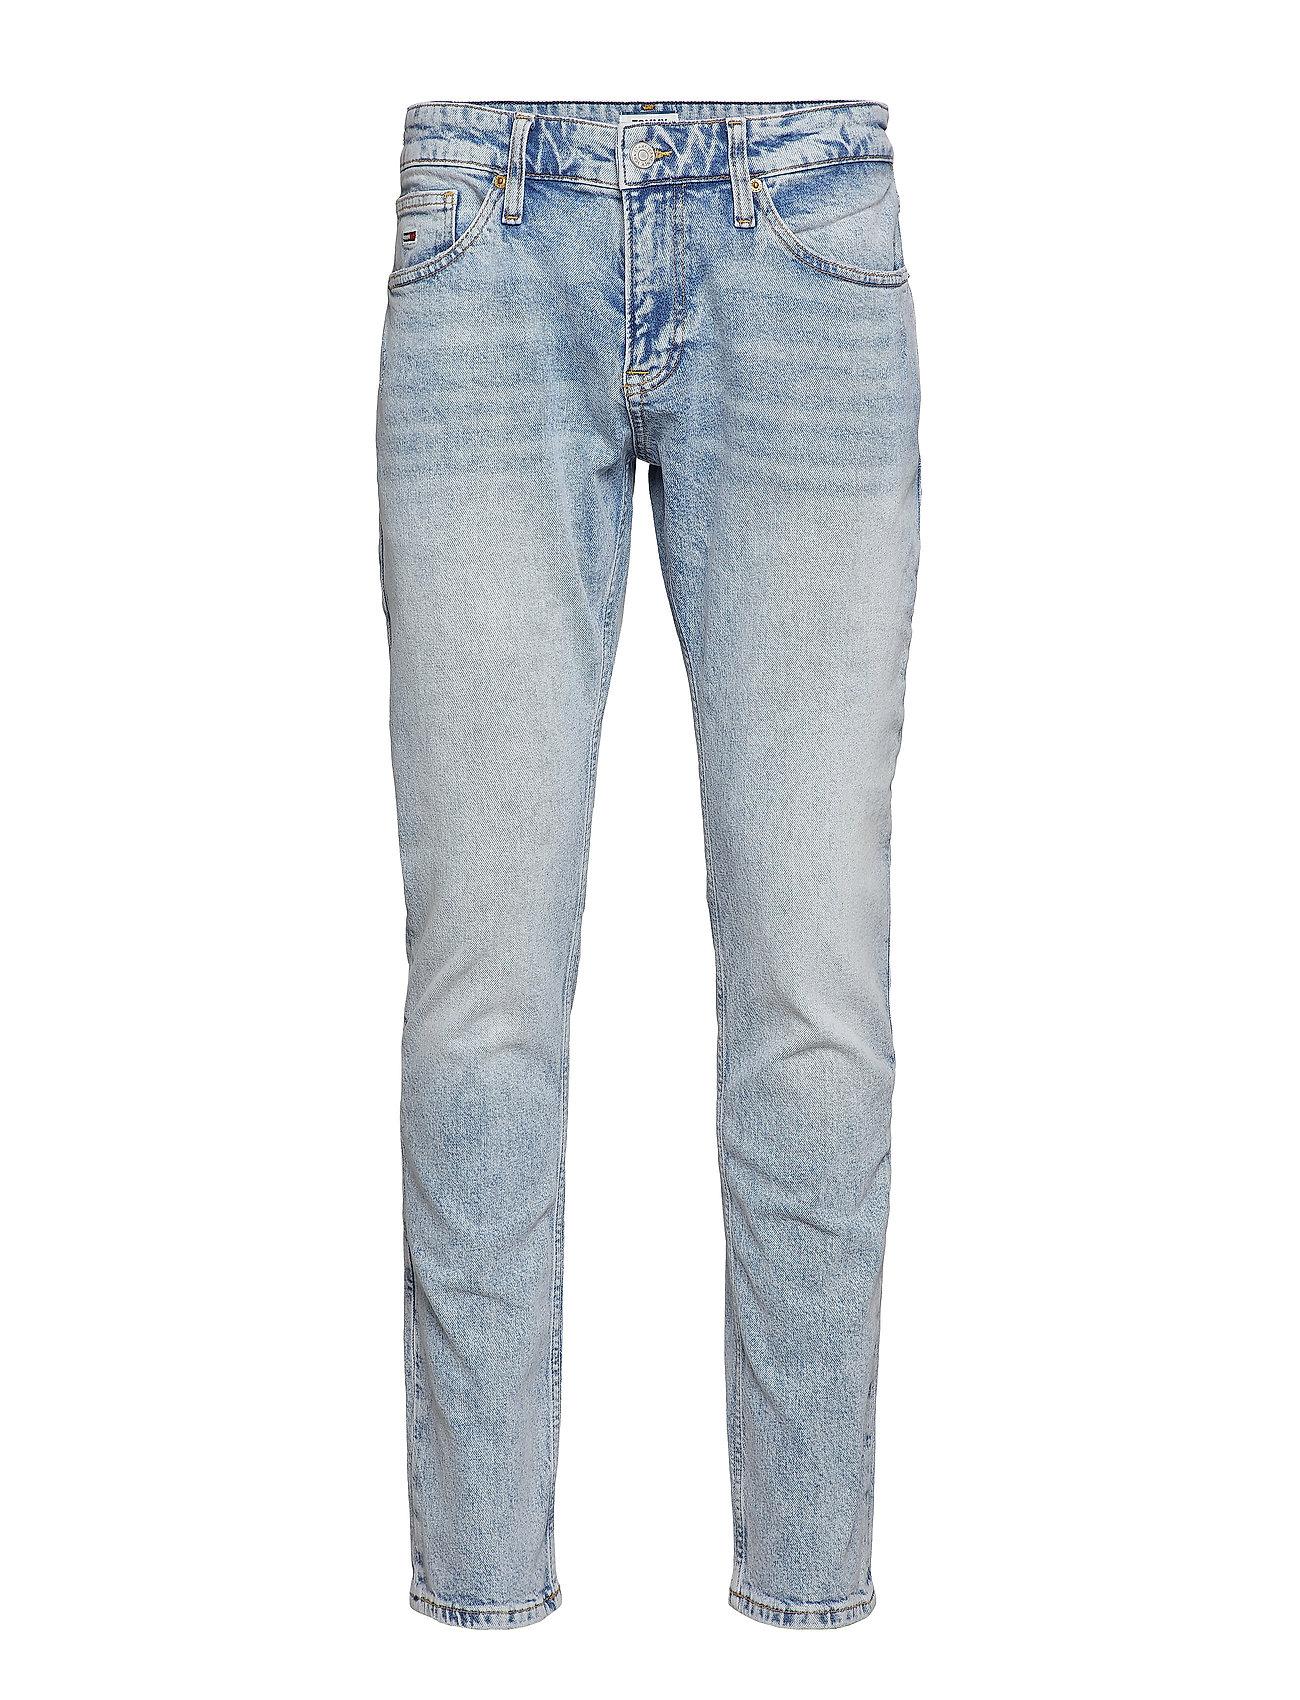 Tommy Jeans SCANTON HERITAGE AUD - AUD LT BLUE COM DS